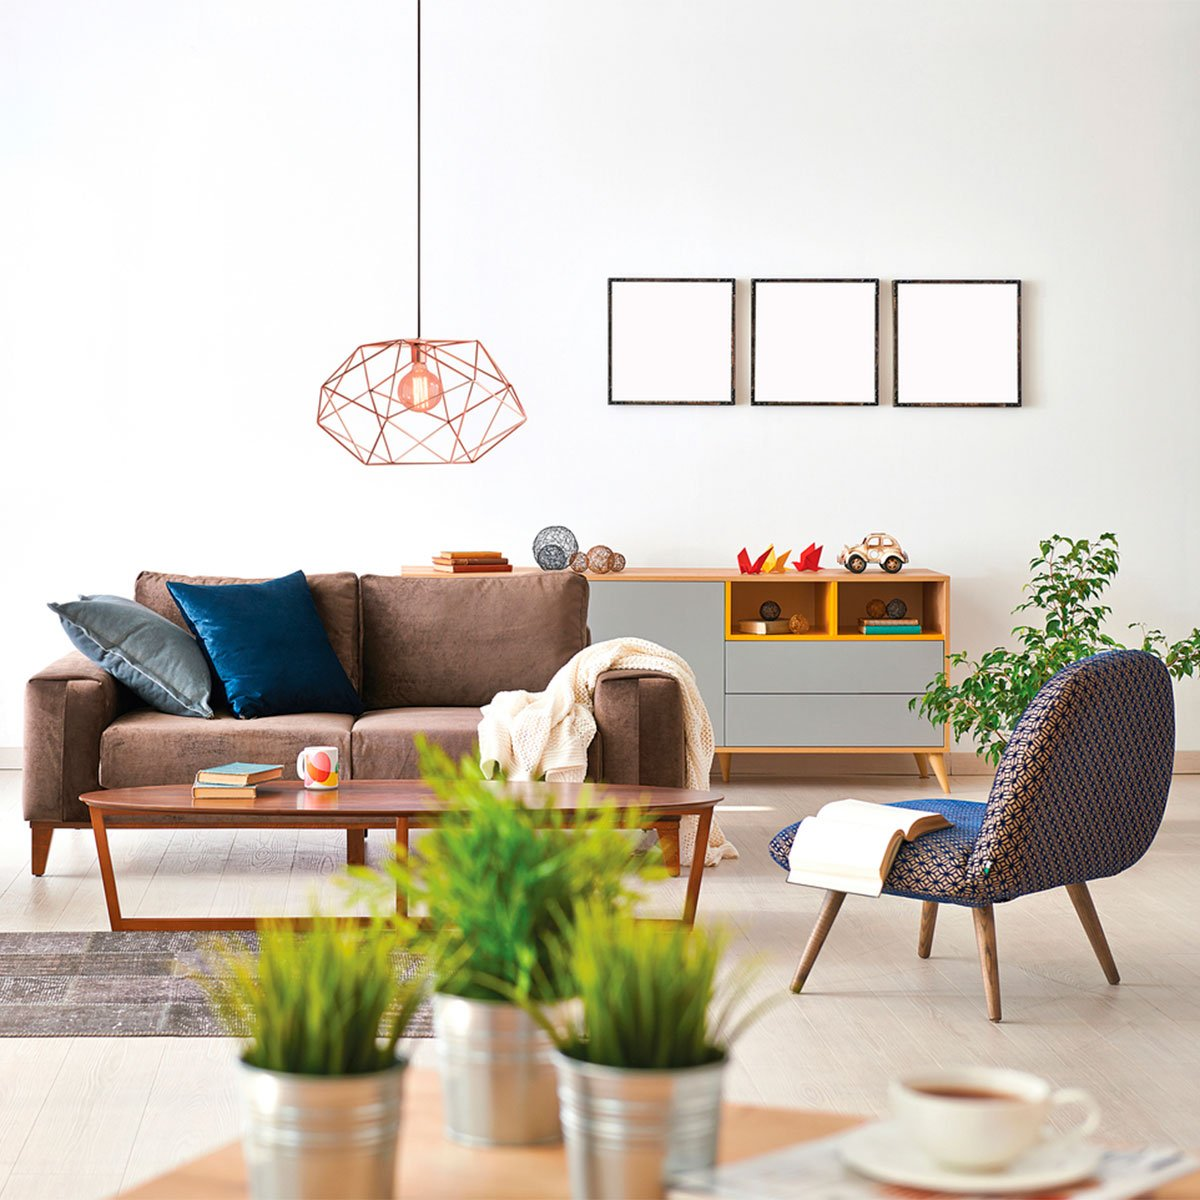 10-idee-abbellire-divano-vecchio-29